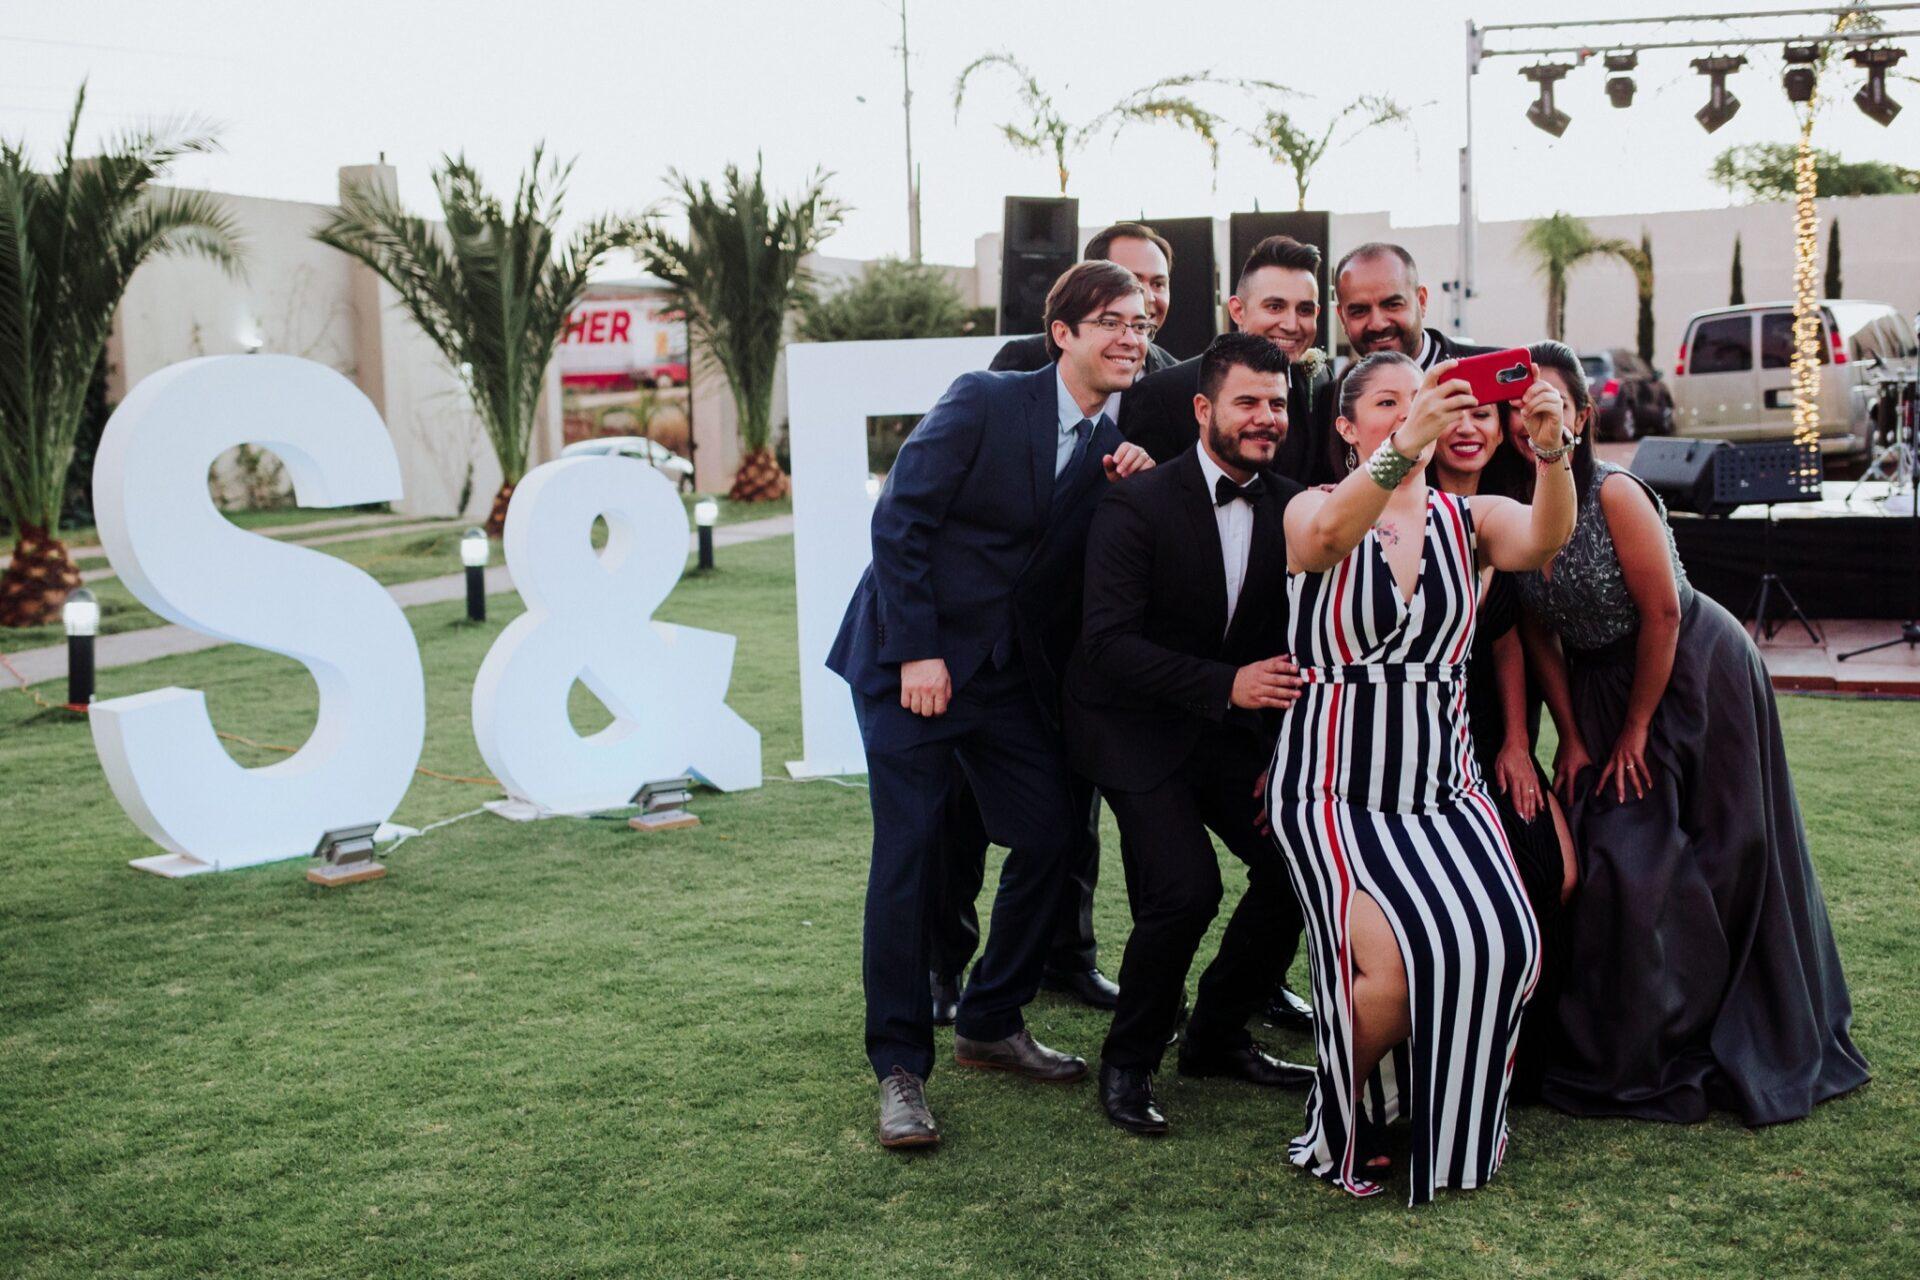 javier_noriega_fotografo_bodas_alicia_garden_zacatecas_wedding_photographer21